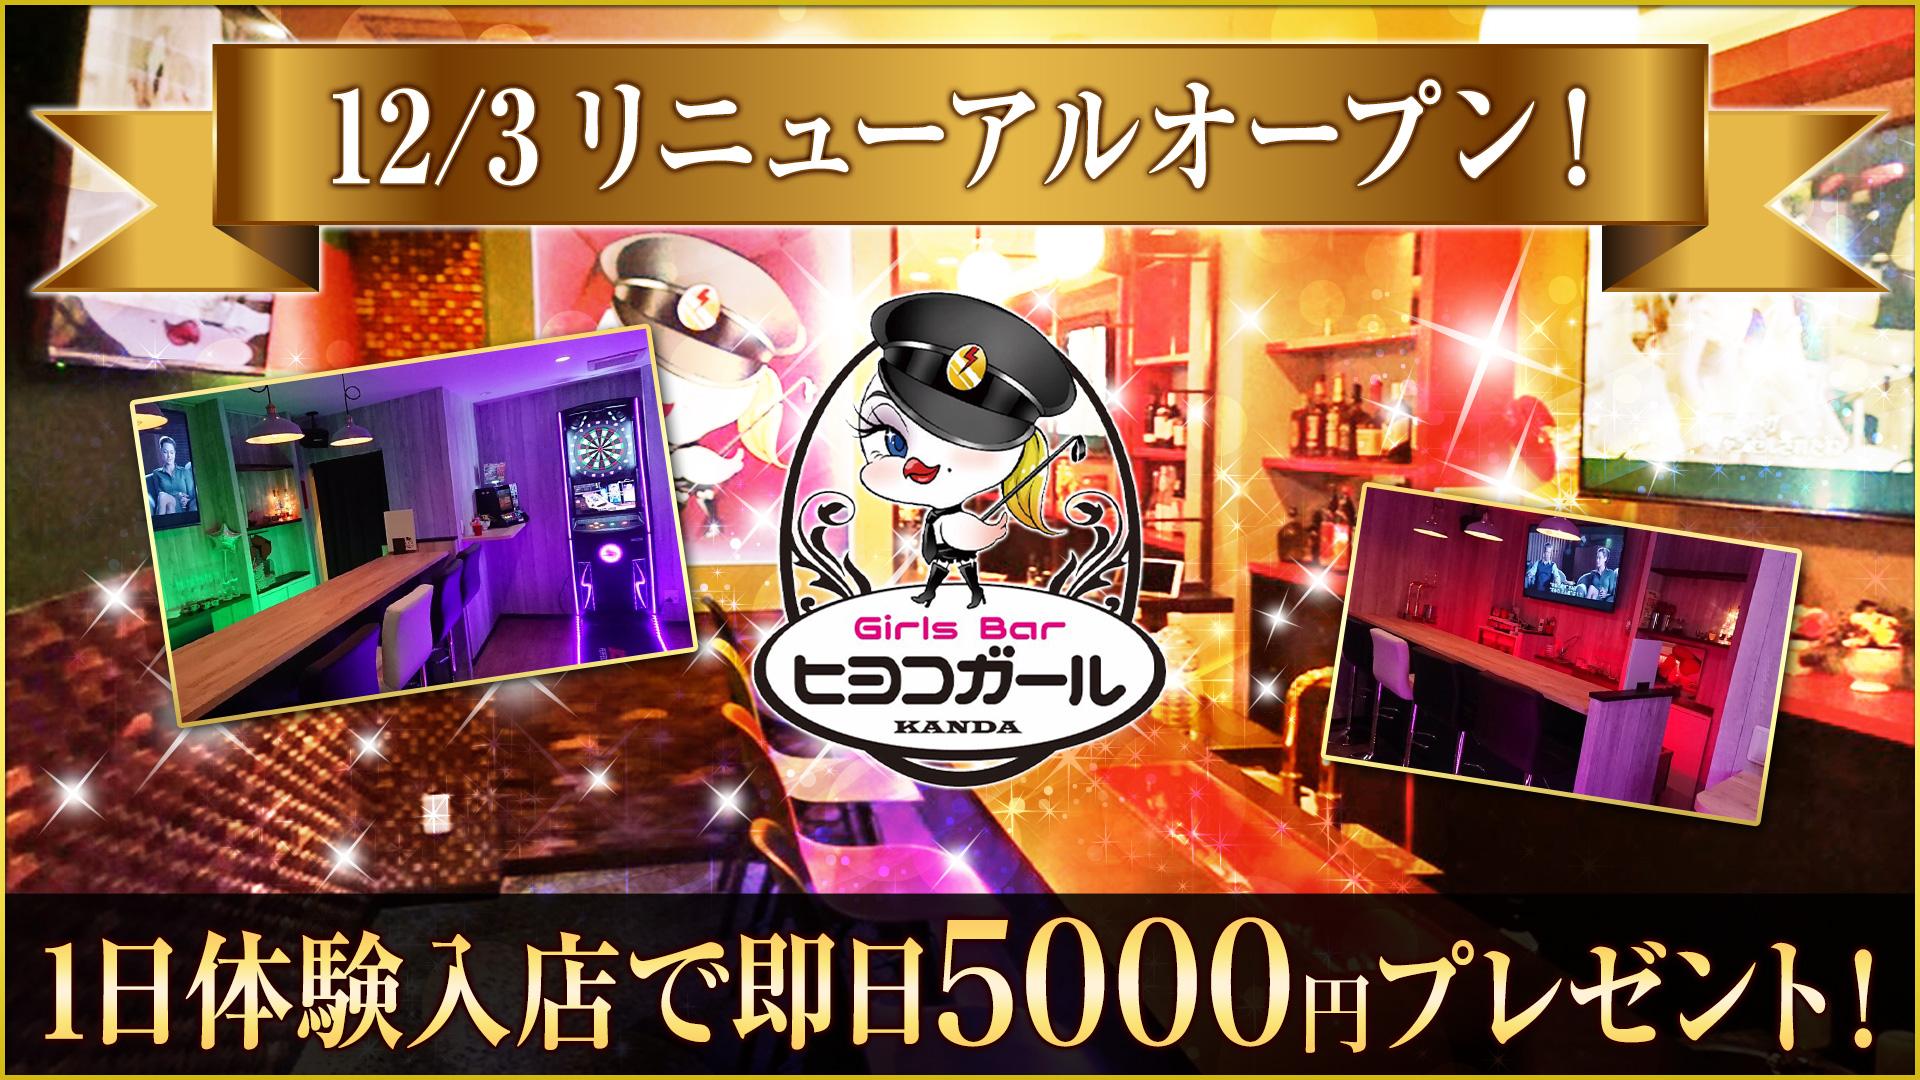 ヒヨコガール 神田 ガールズバー TOP画像